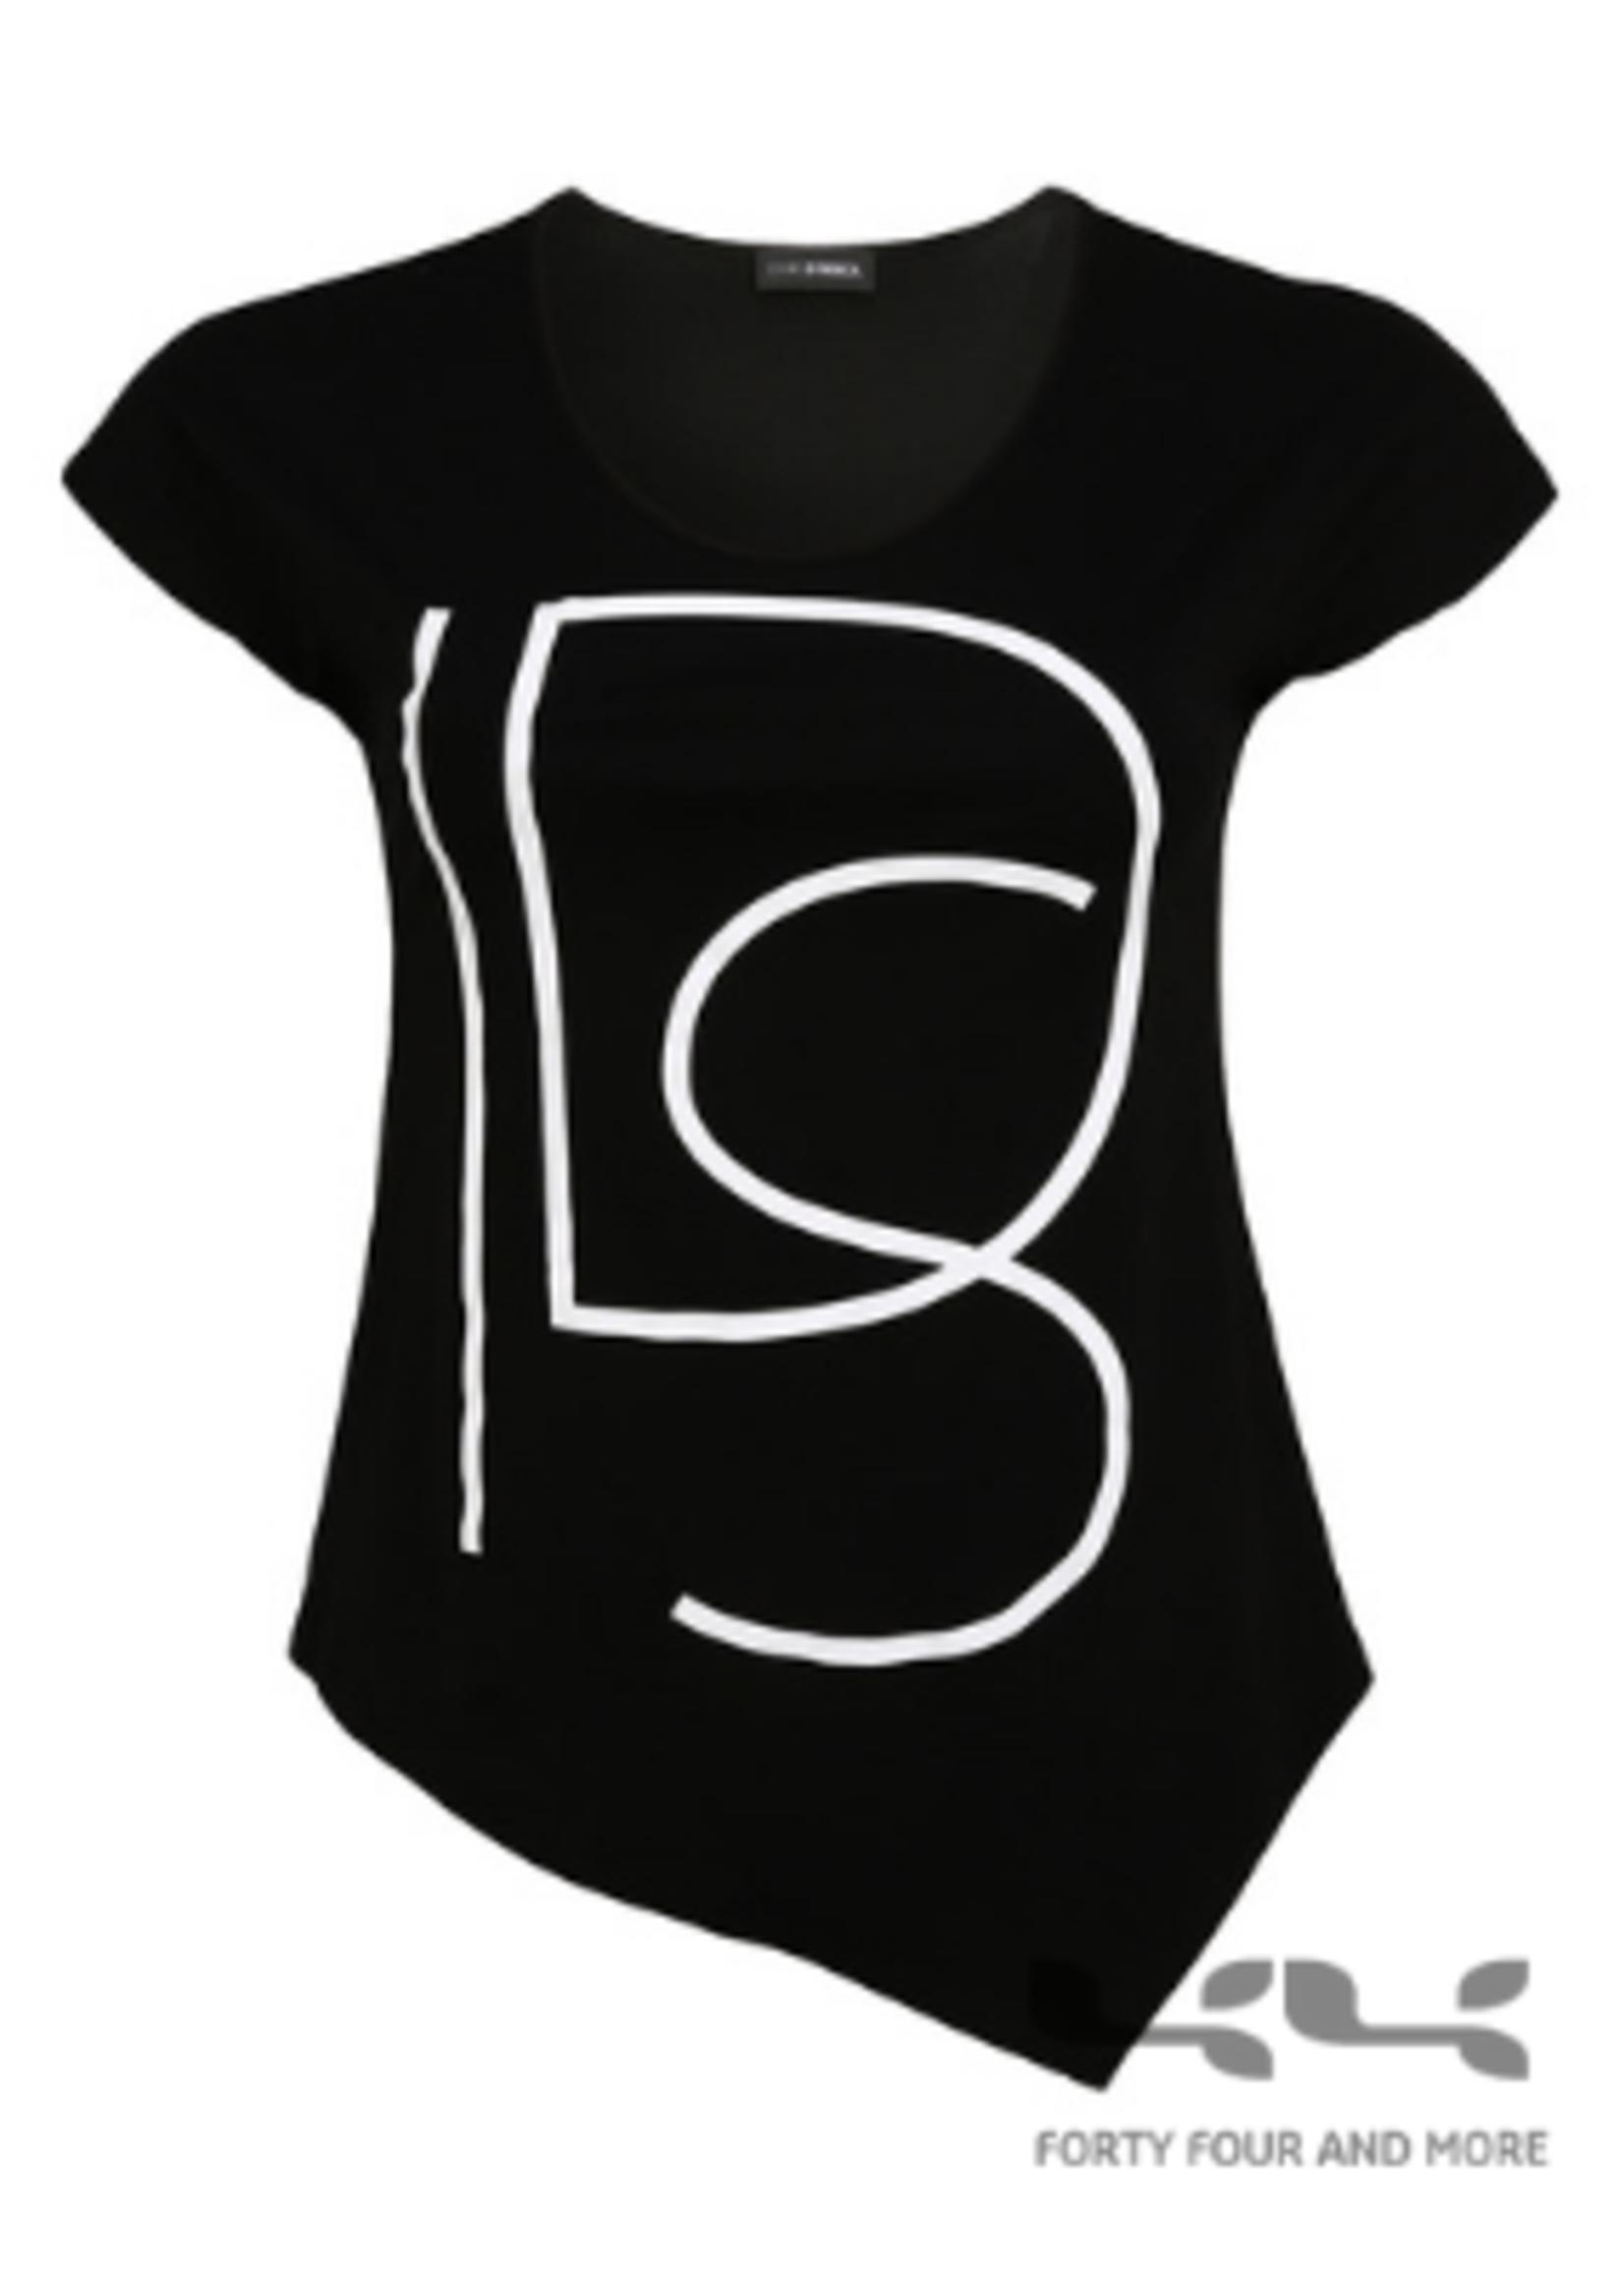 Doris Streich shirt  met DS-opdruk, a-symmetrisch